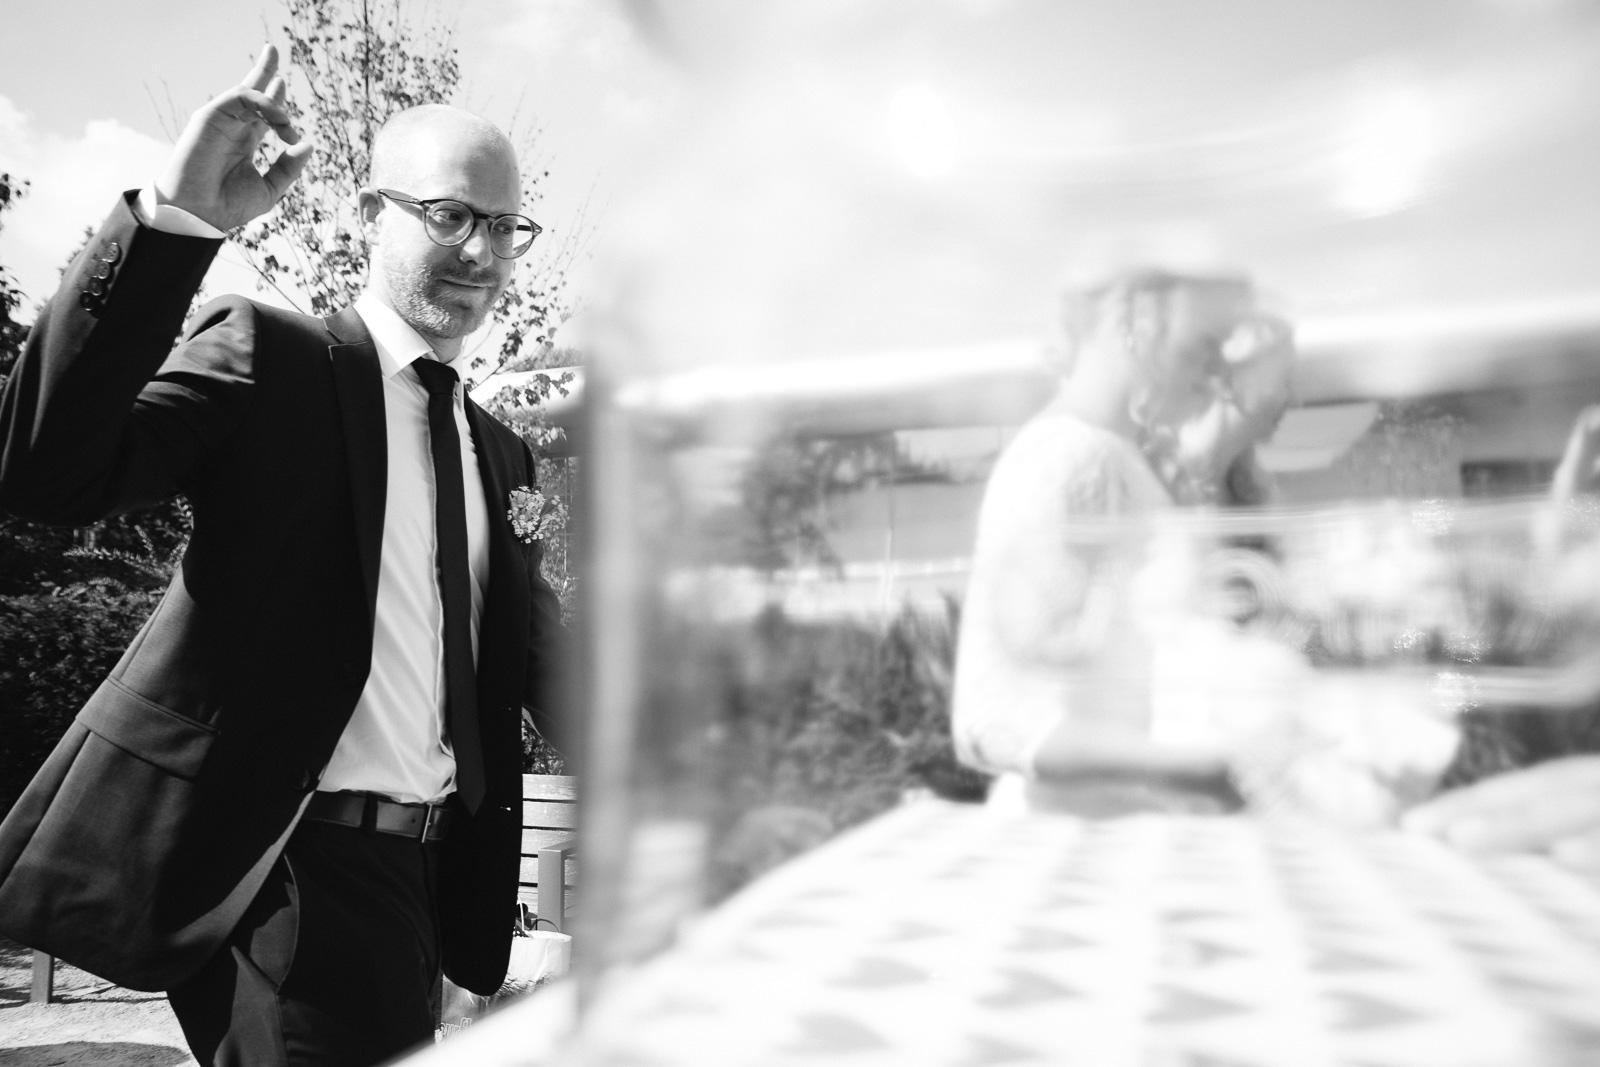 Septemberhochzeit in Münster - Andreas Völker - Hochzeitsfotograf in Münster - Hochzeitsfotografie Hochzeitsfotos Brautpaar Brautpaarshooting Brautpaarfotos Hochzeitsshooting Hochzeit Paarfotos Paarshooting Paarfotografie - NRW Nordrhein-Westfalen Niedersachsen Münsterland